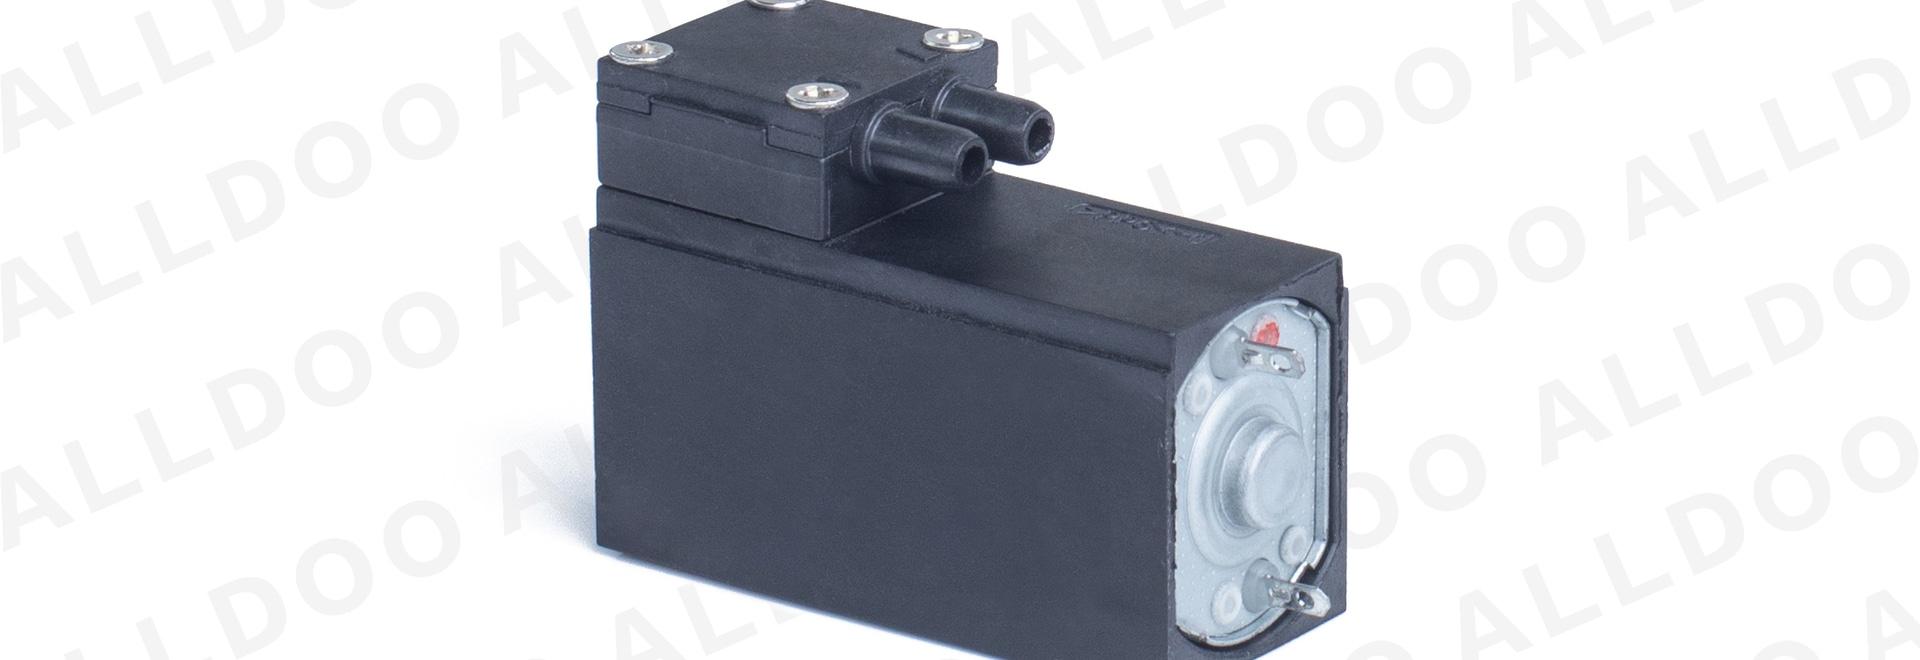 Long life time DC motor vacuum air pressure miniature pumps